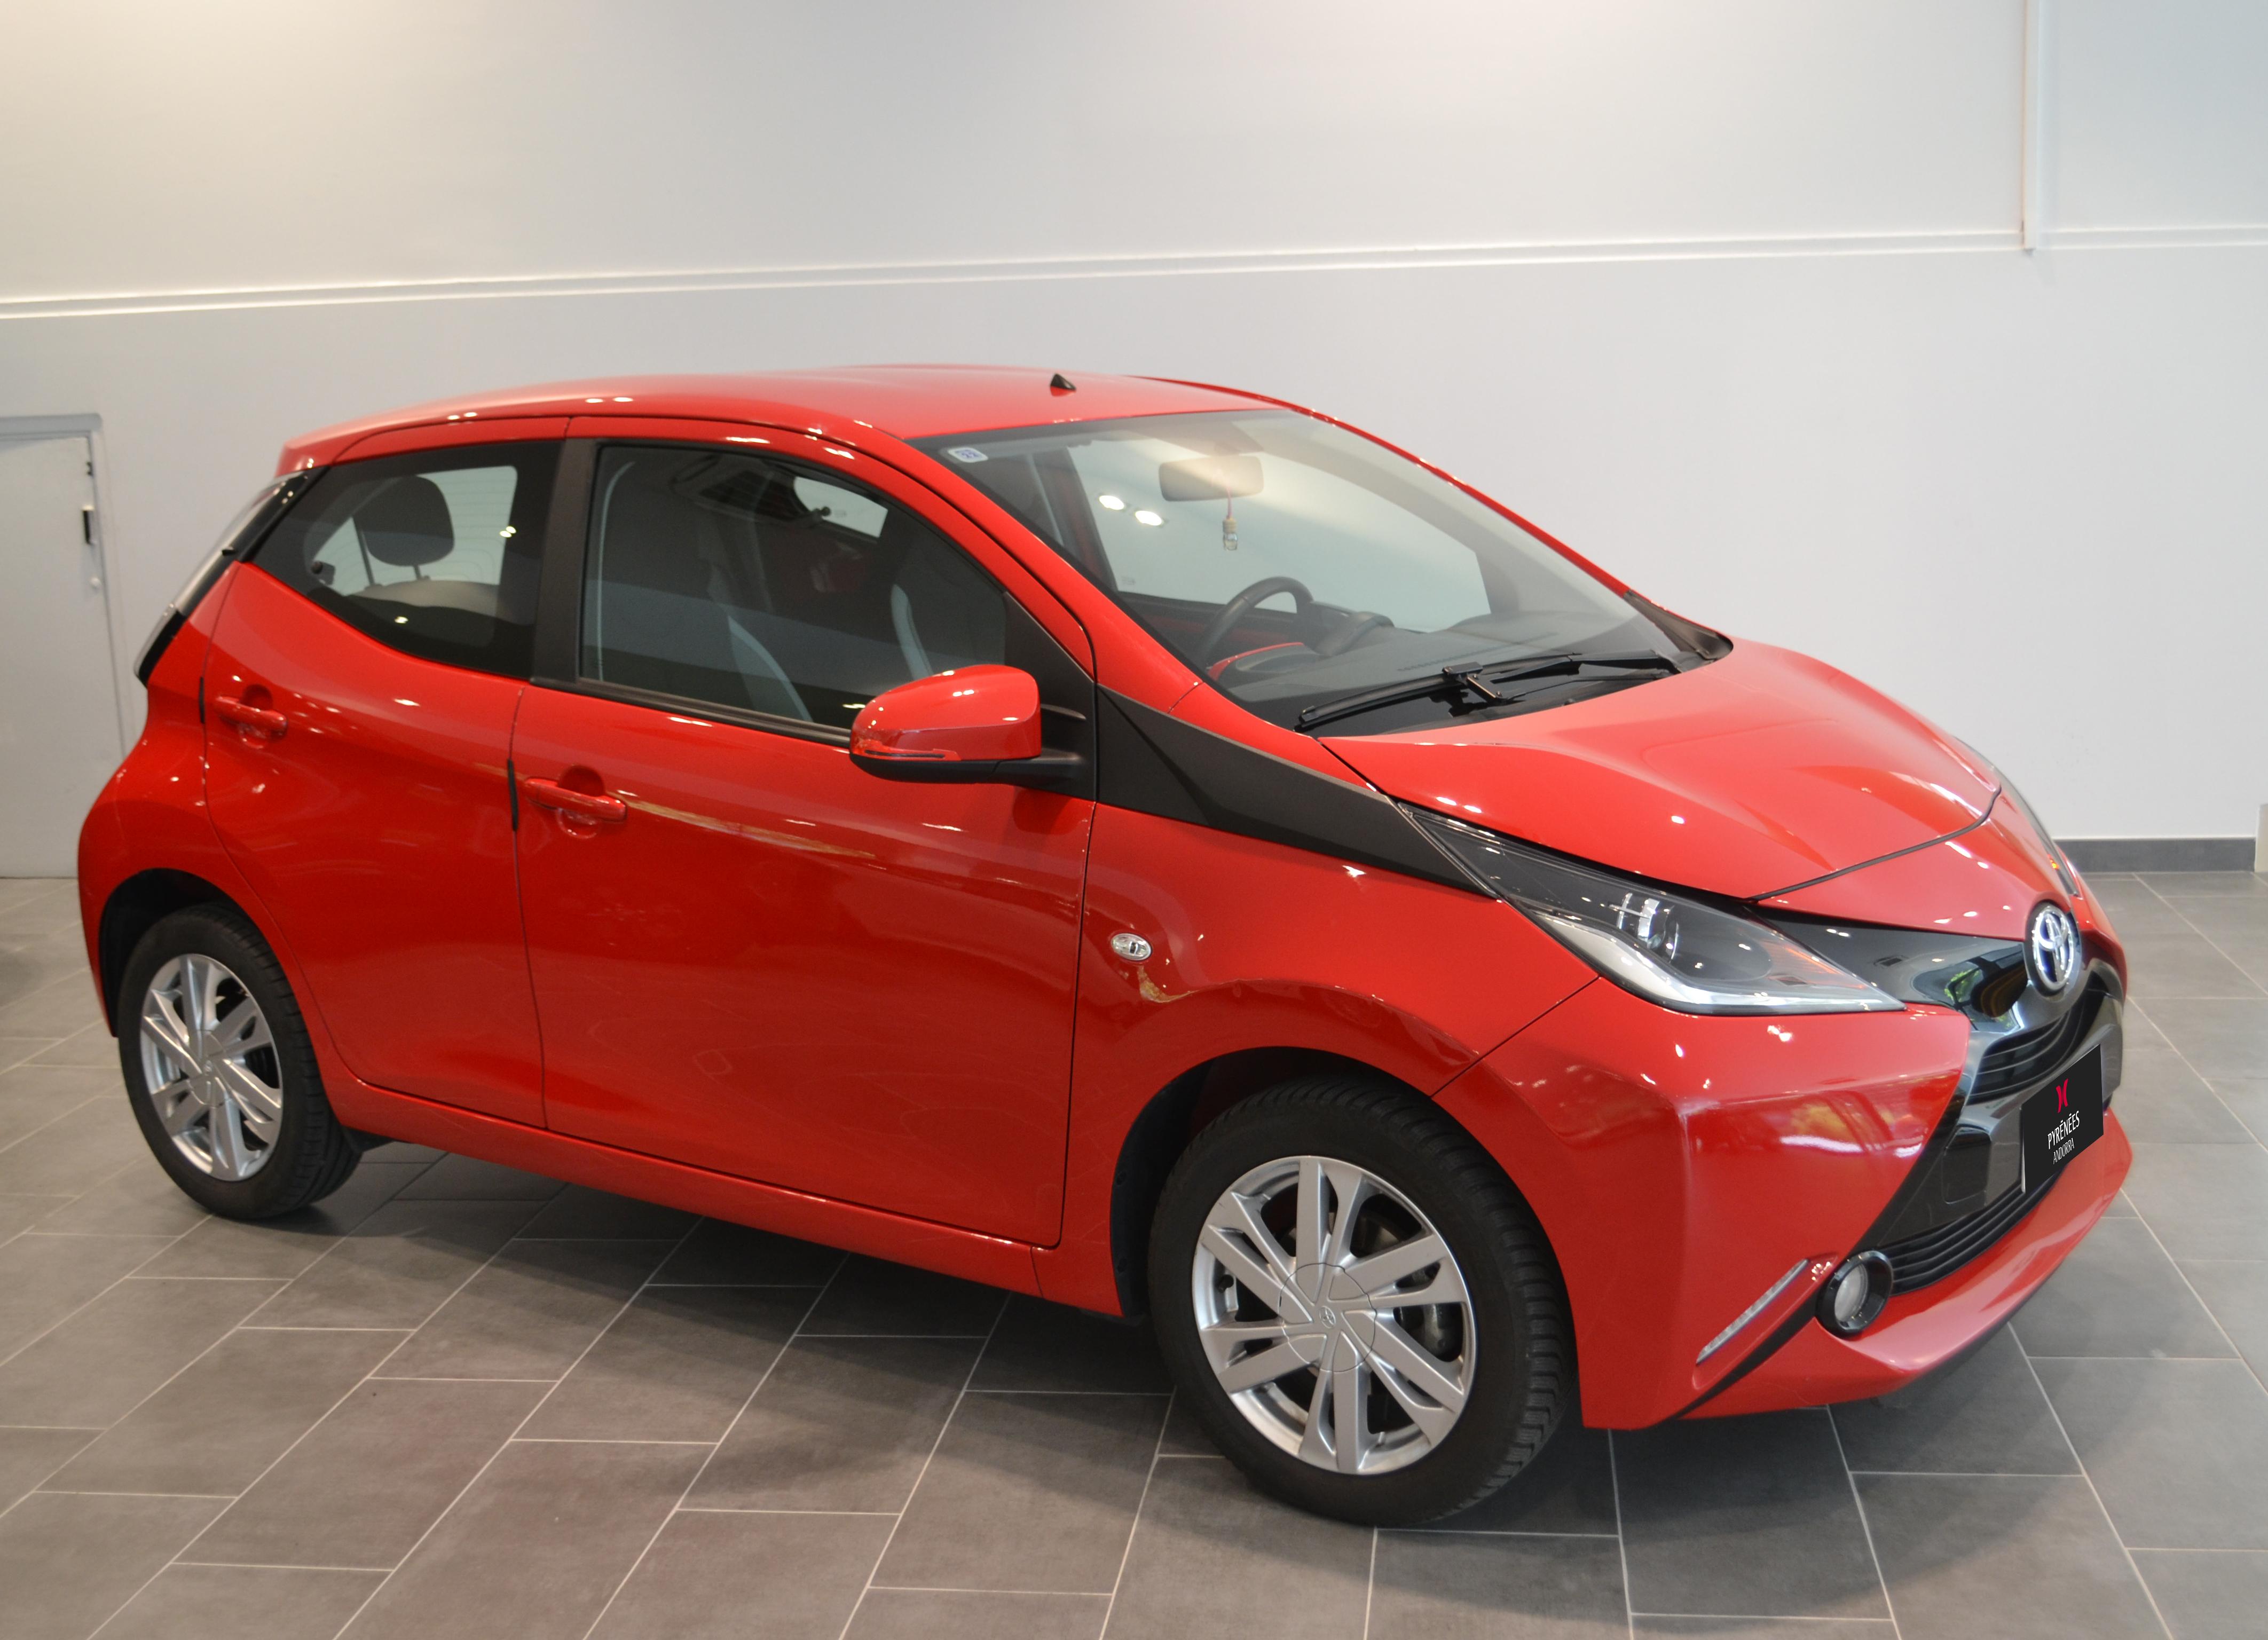 Toyota - Aygo - AYGO 1.0 AYGO 1.0 Benzina  2015  20.667 Km